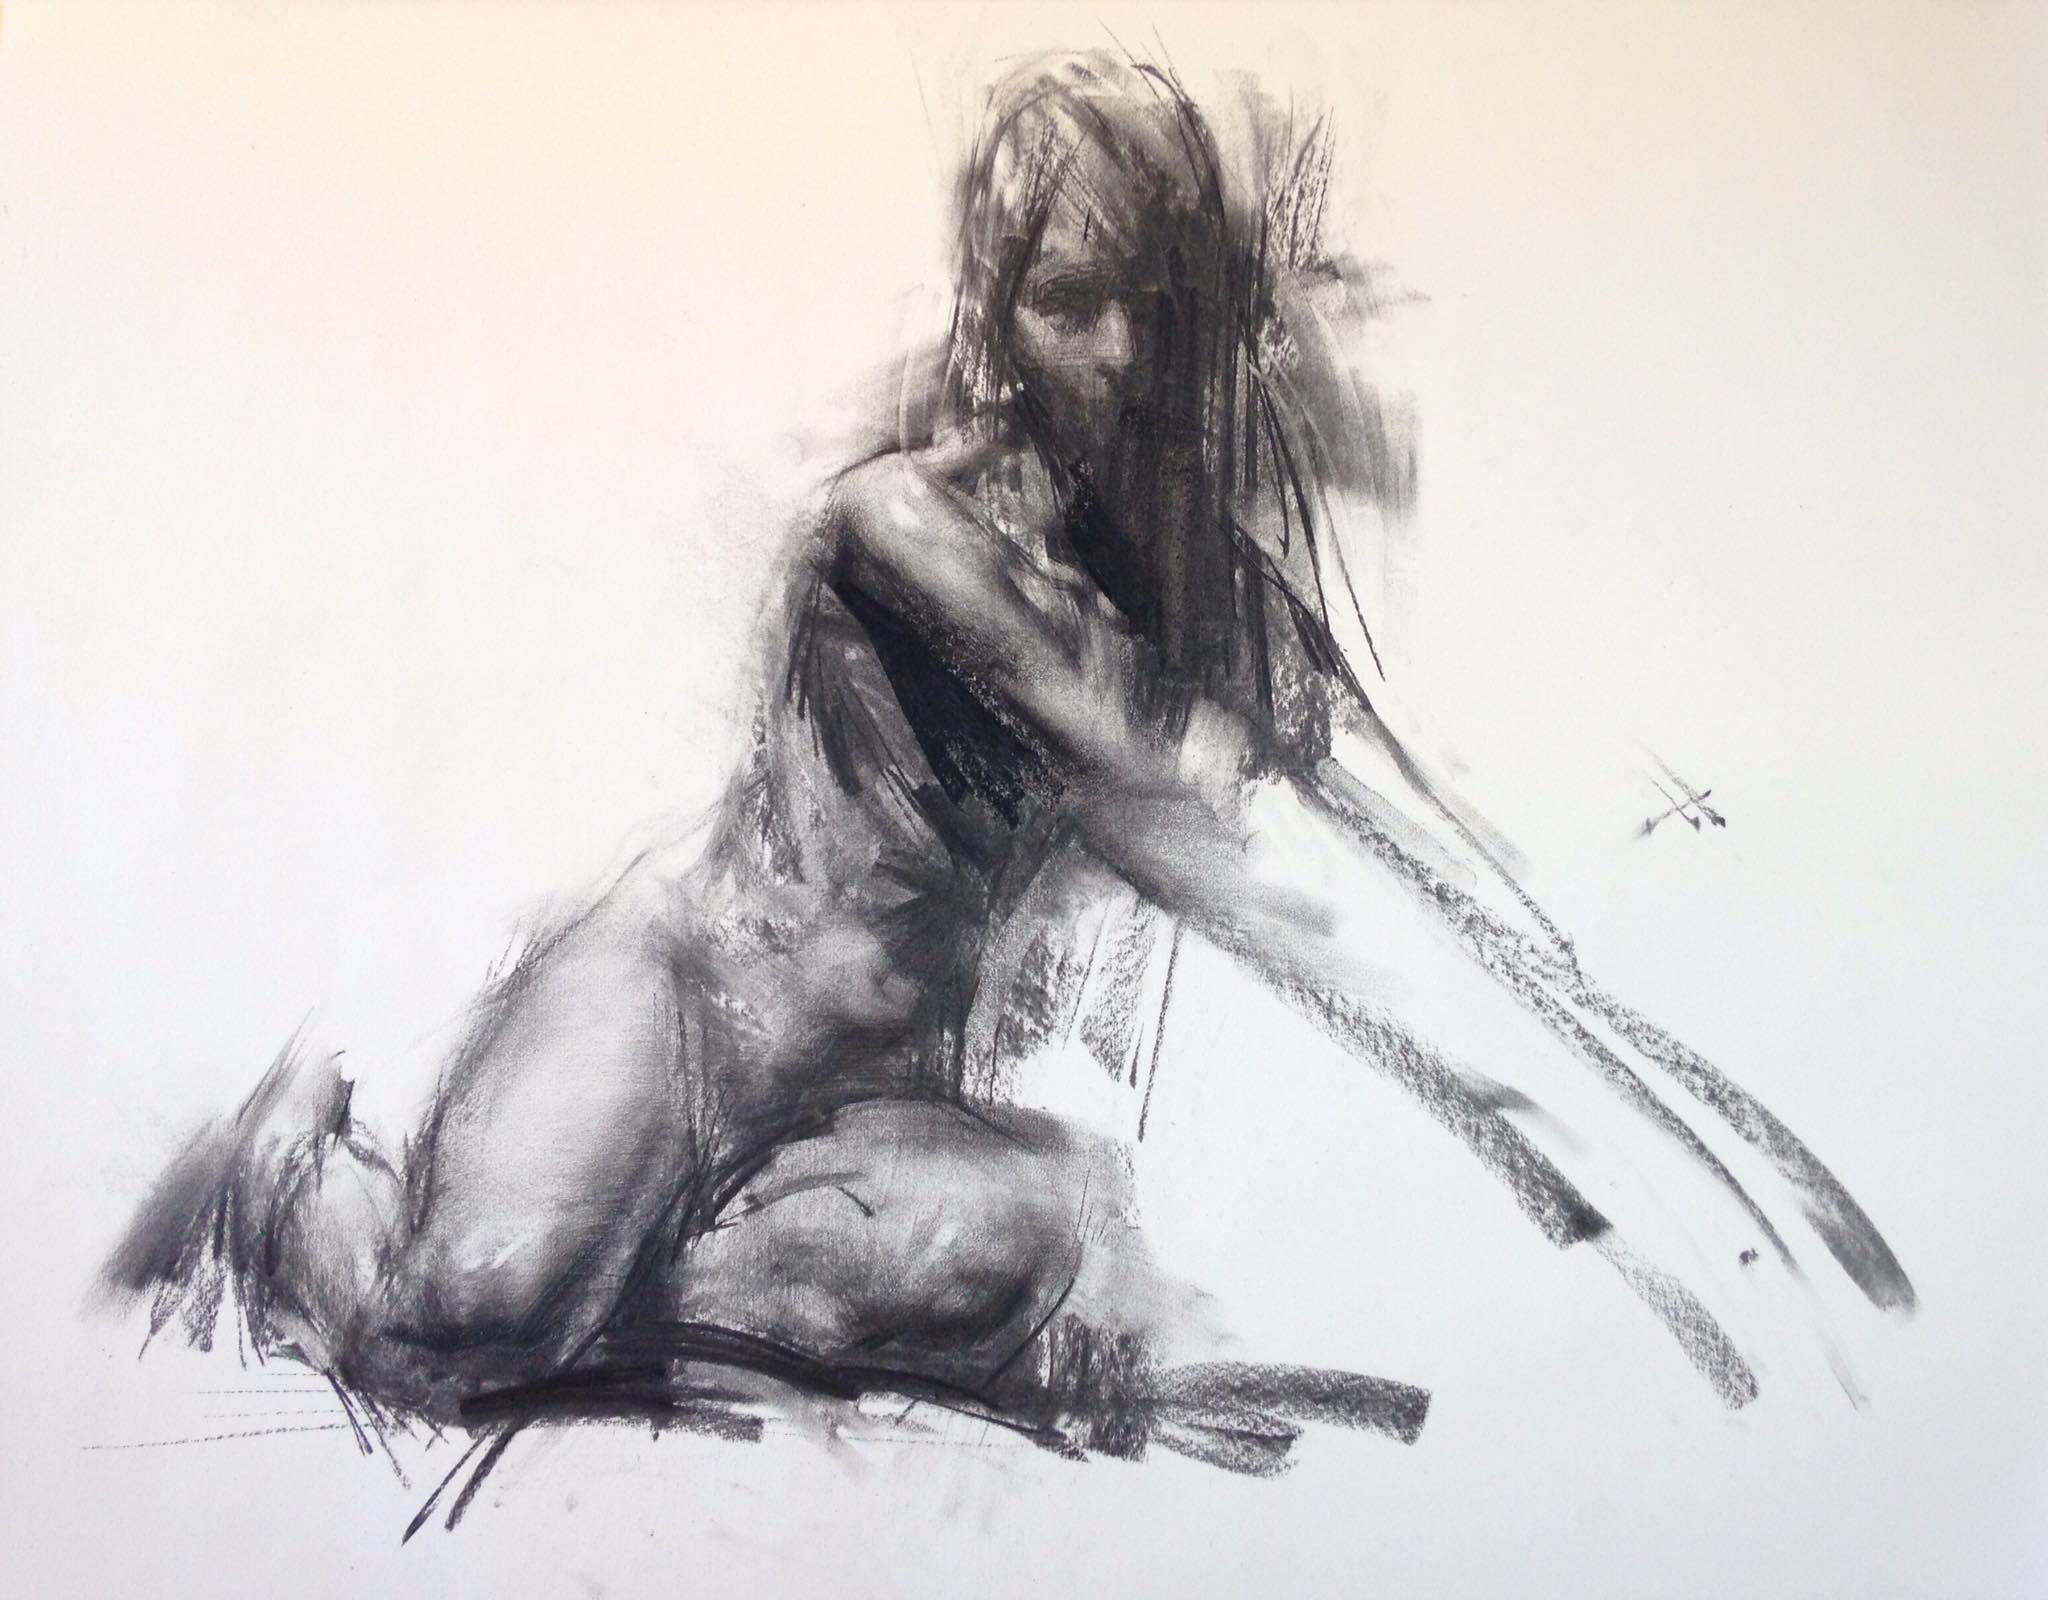 Zin Limit – Paintings